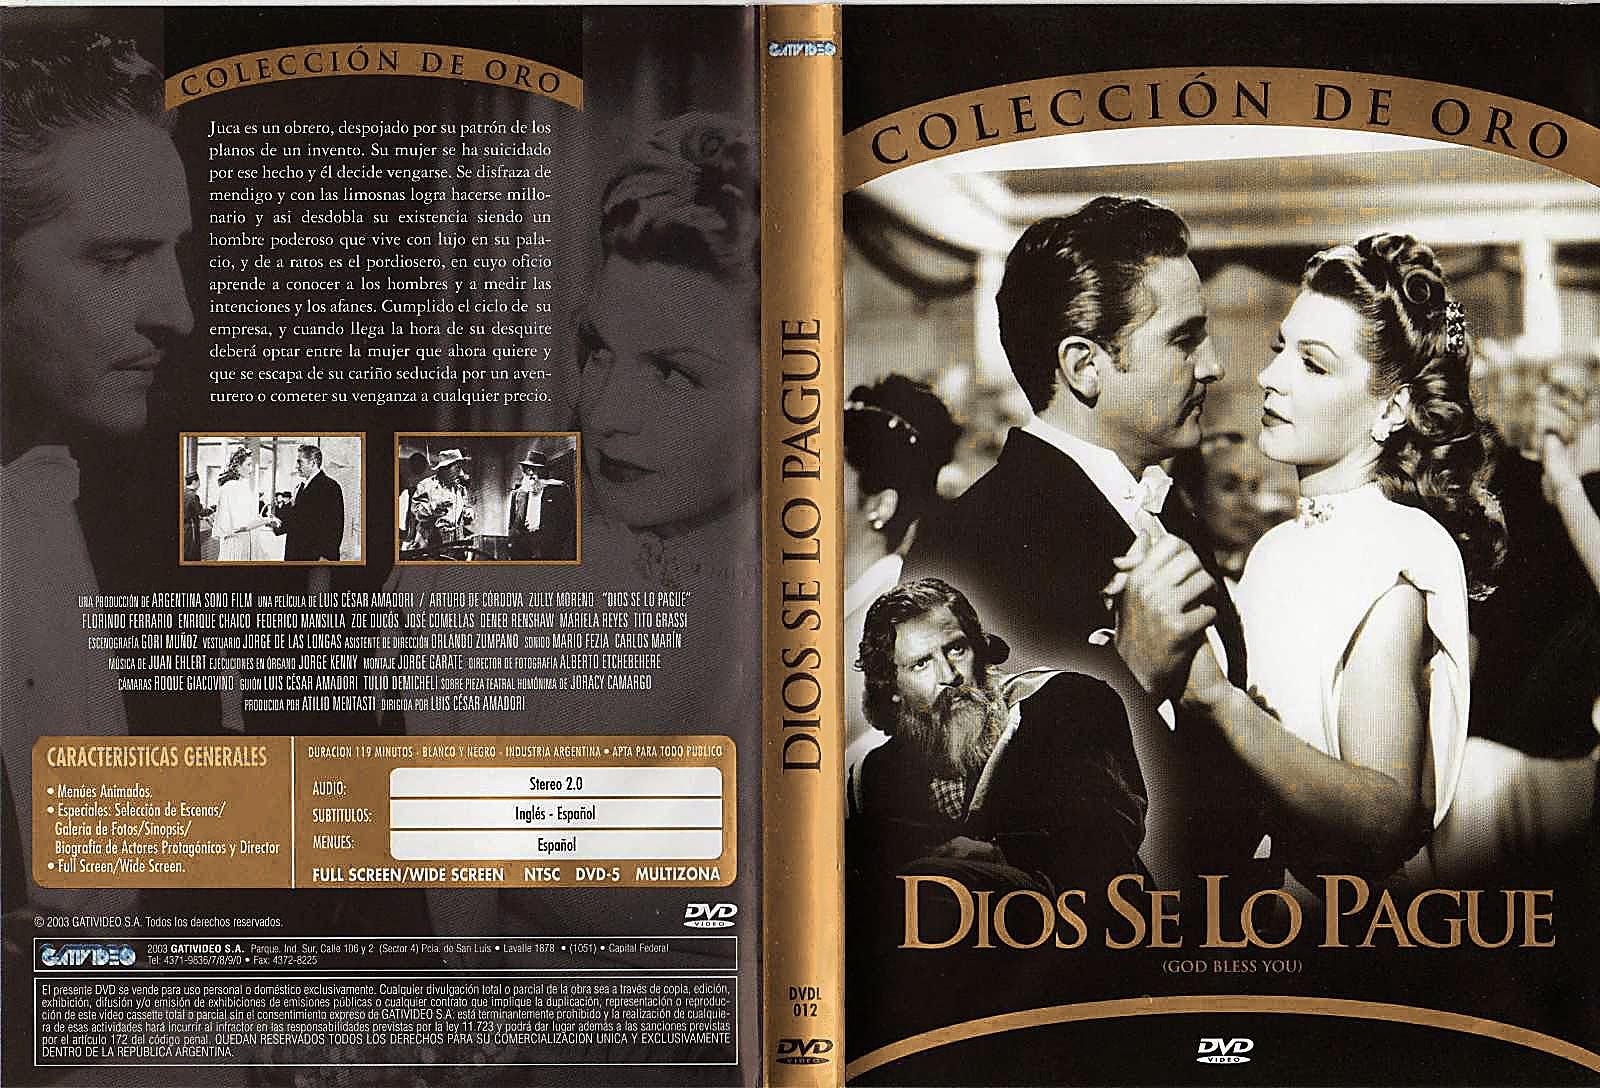 Dios se lo pague (1948) - Caratula